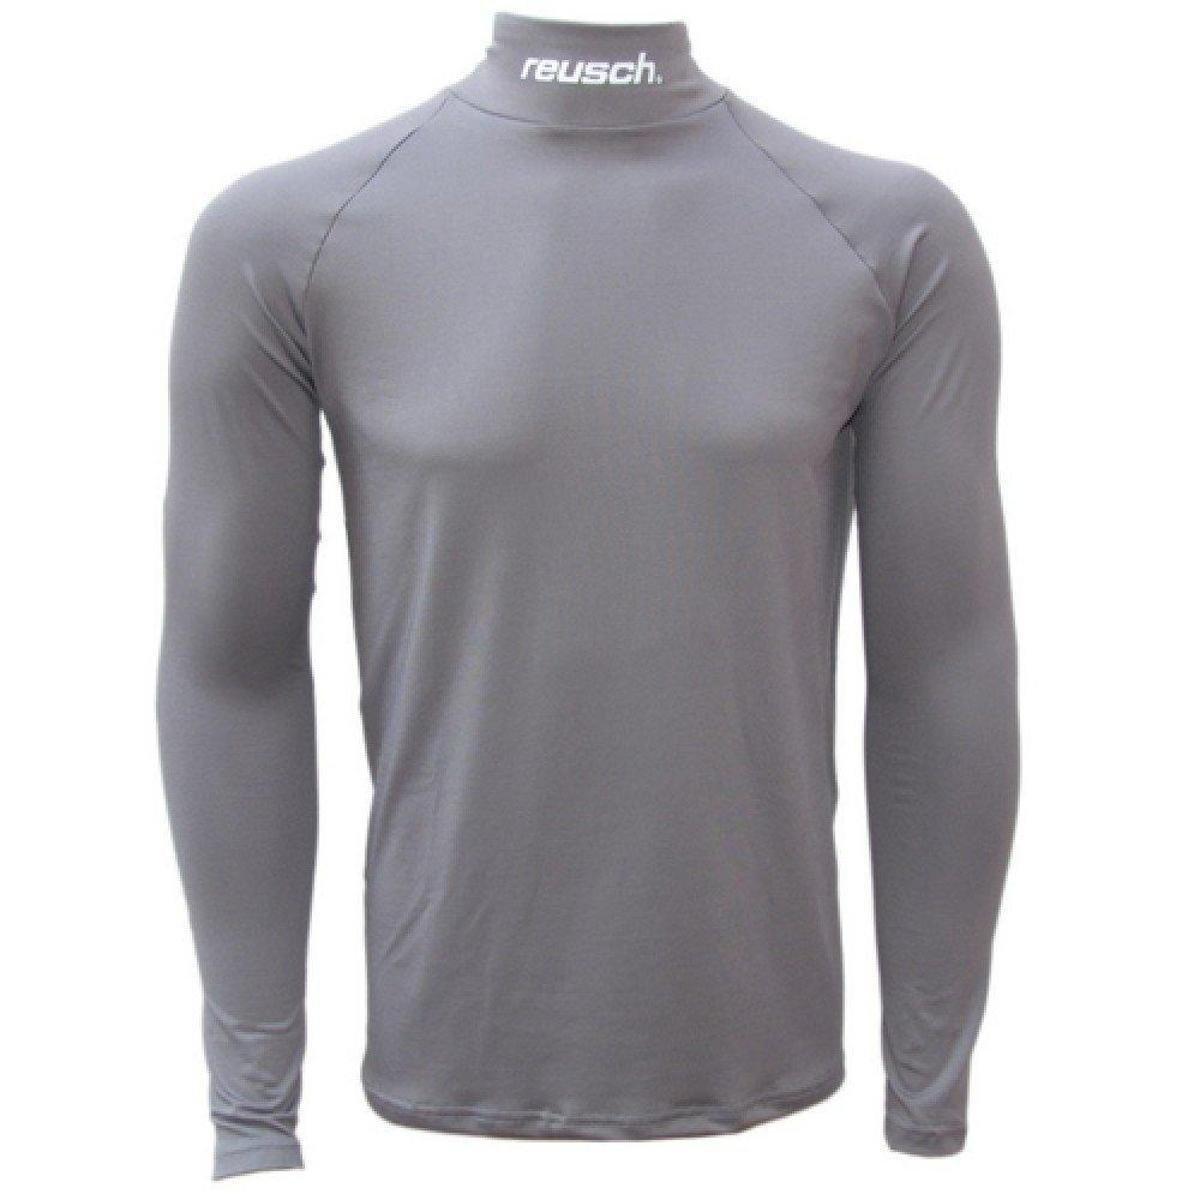 ee327f94bb303 Camisa térmica Reusch Underjersey G A - Cinza - Compre Agora